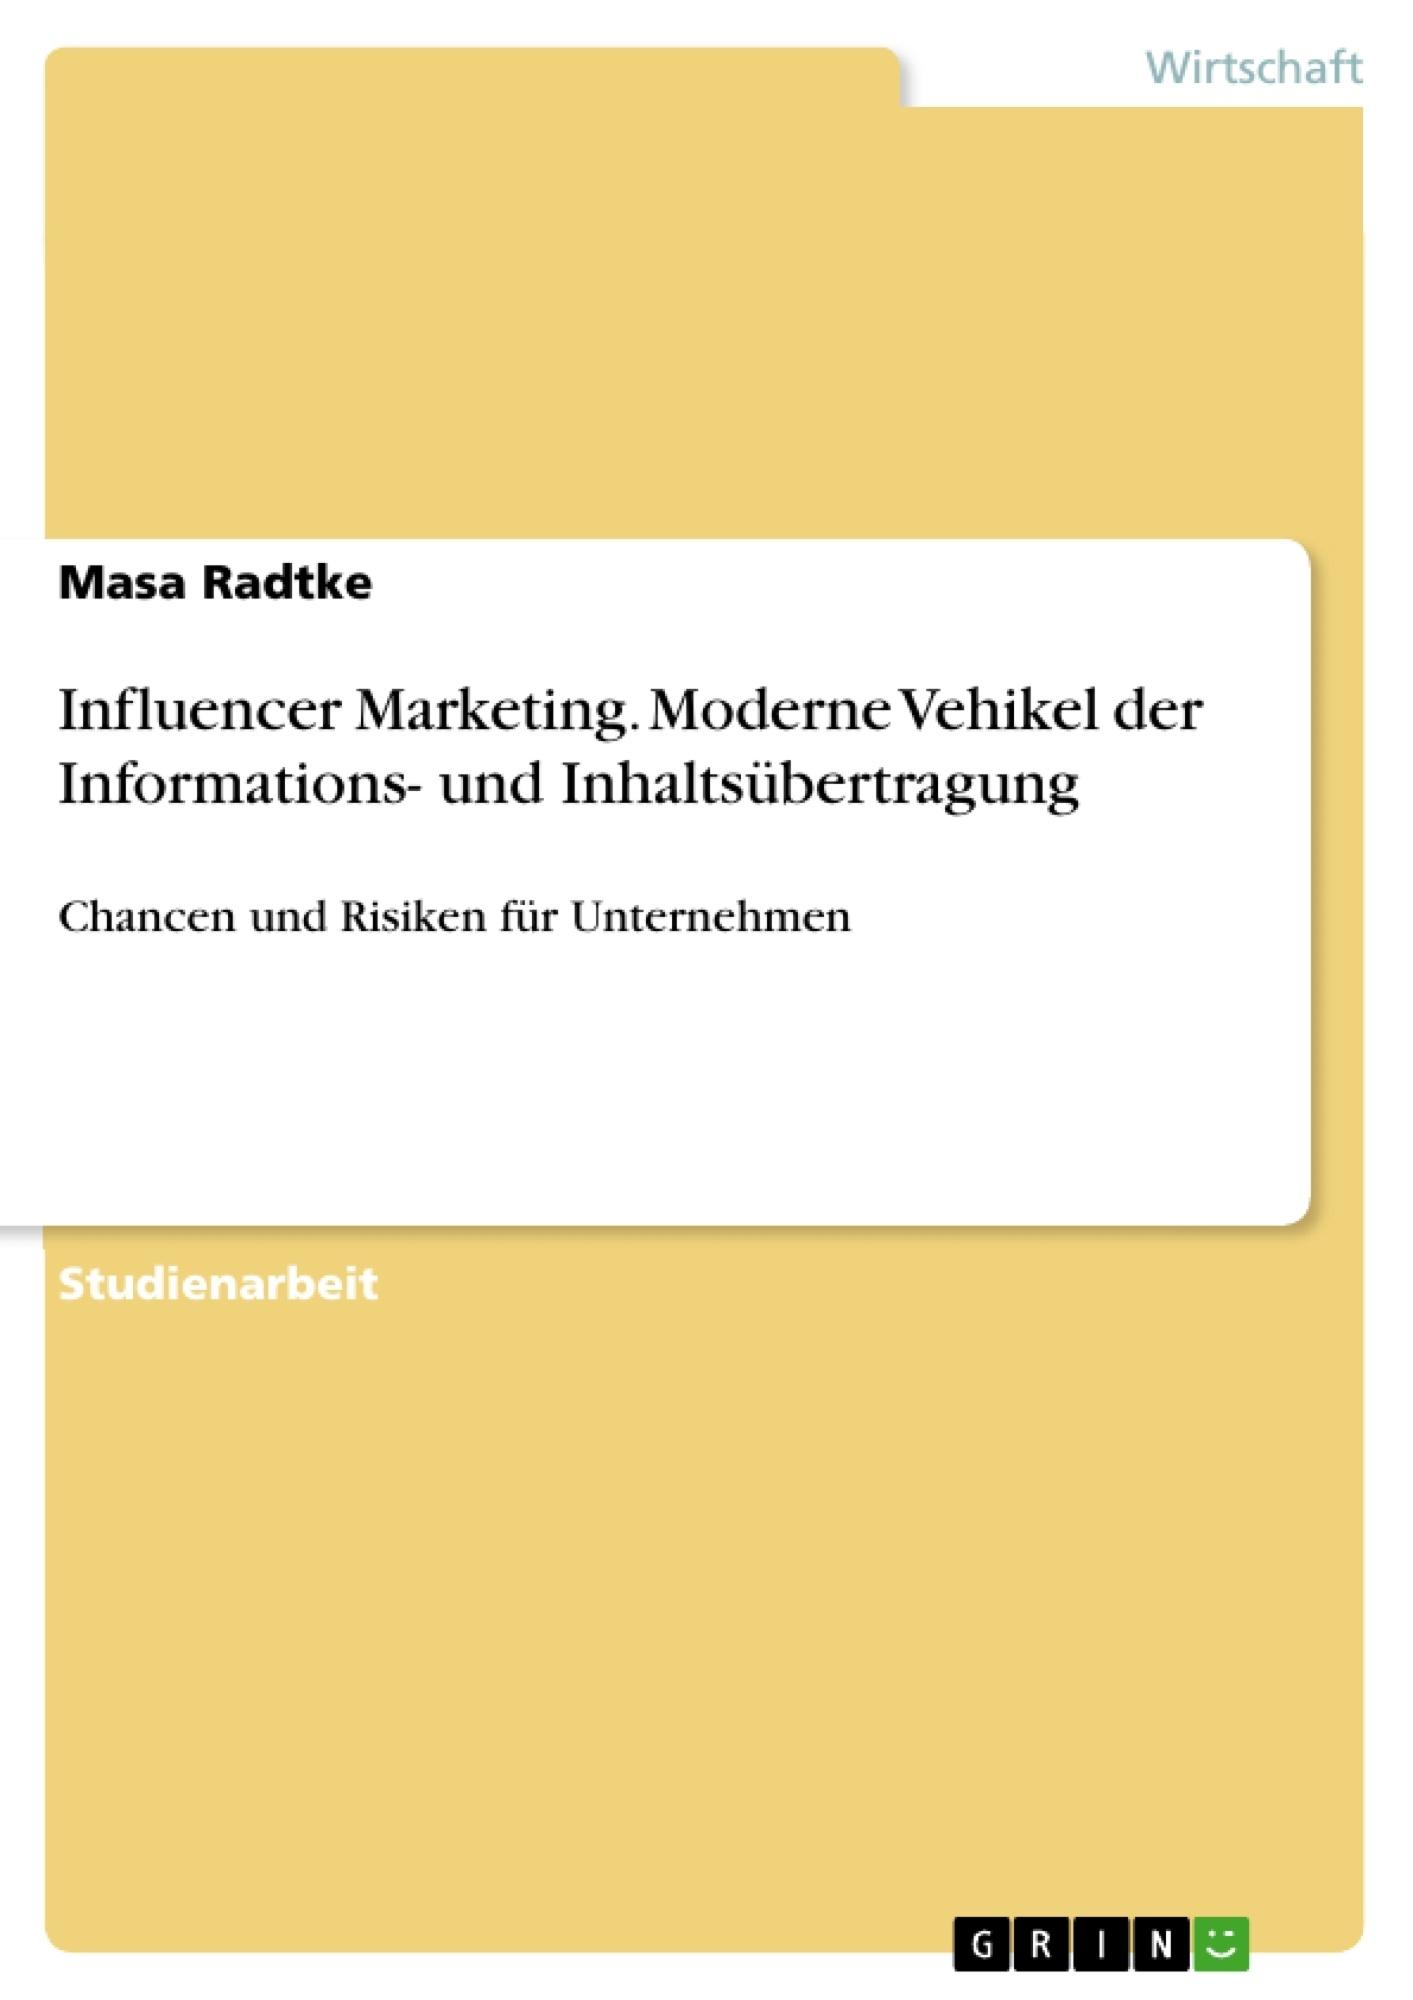 Titel: Influencer Marketing. Moderne Vehikel der Informations- und Inhaltsübertragung